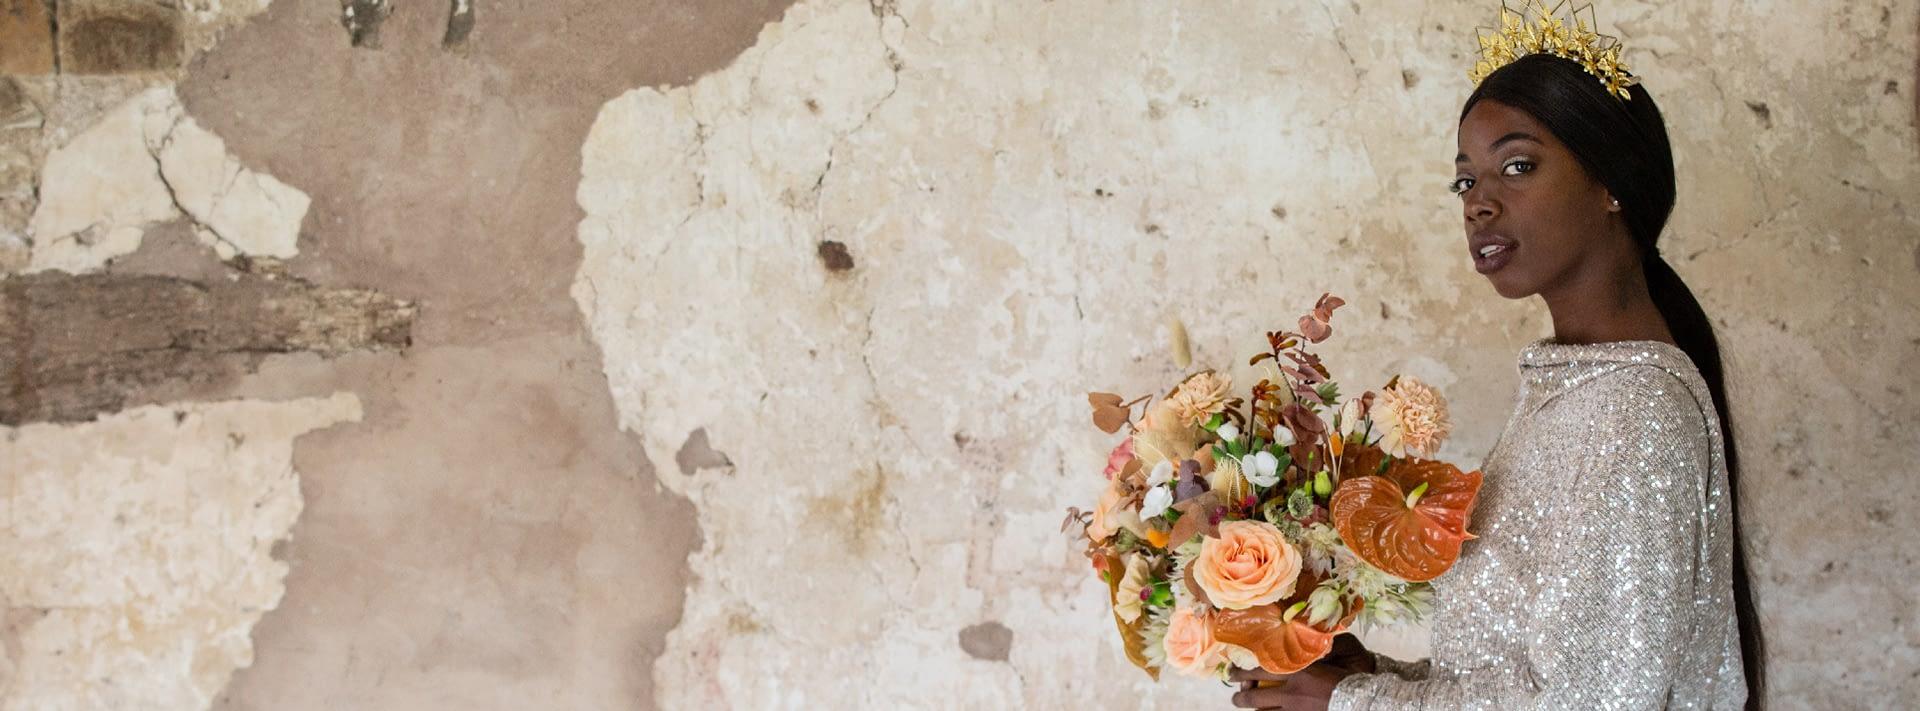 Not Your Average 'Virtual' Wedding Showcase